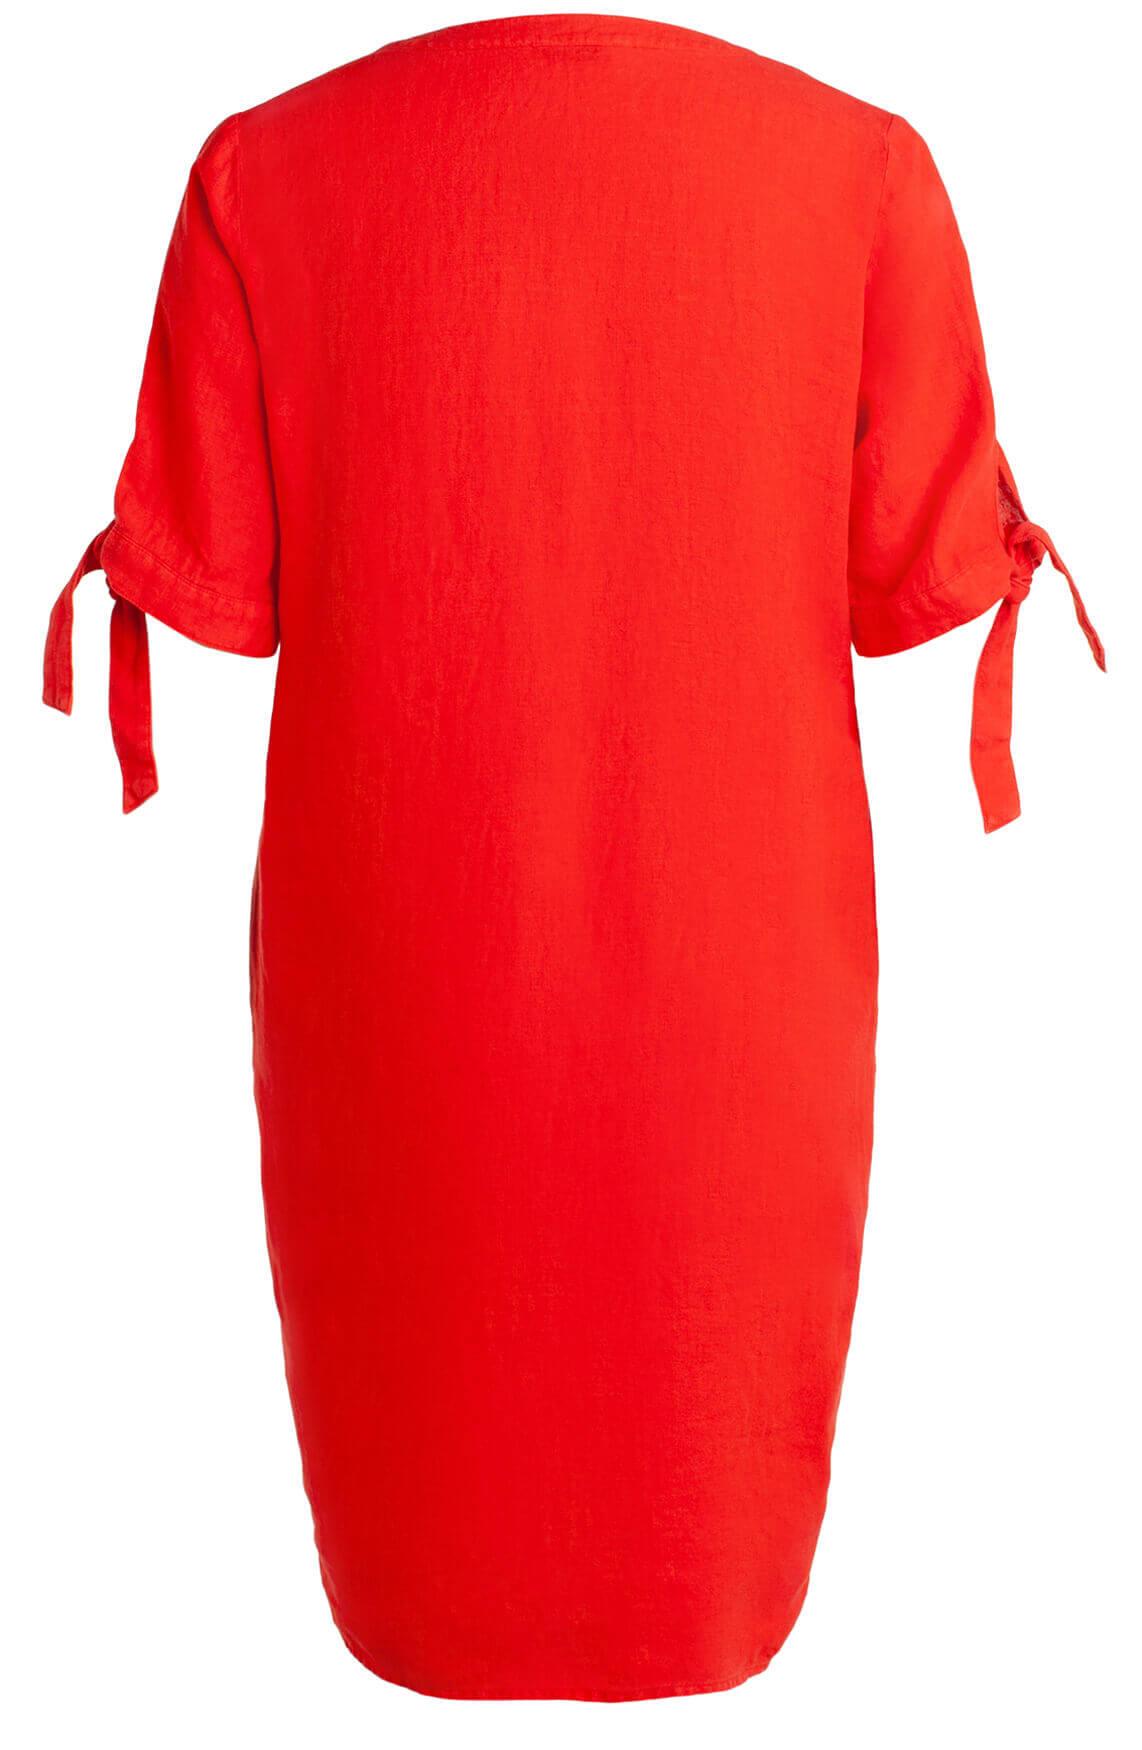 Anna Dames Linnen jurk met knoopdetail Rood